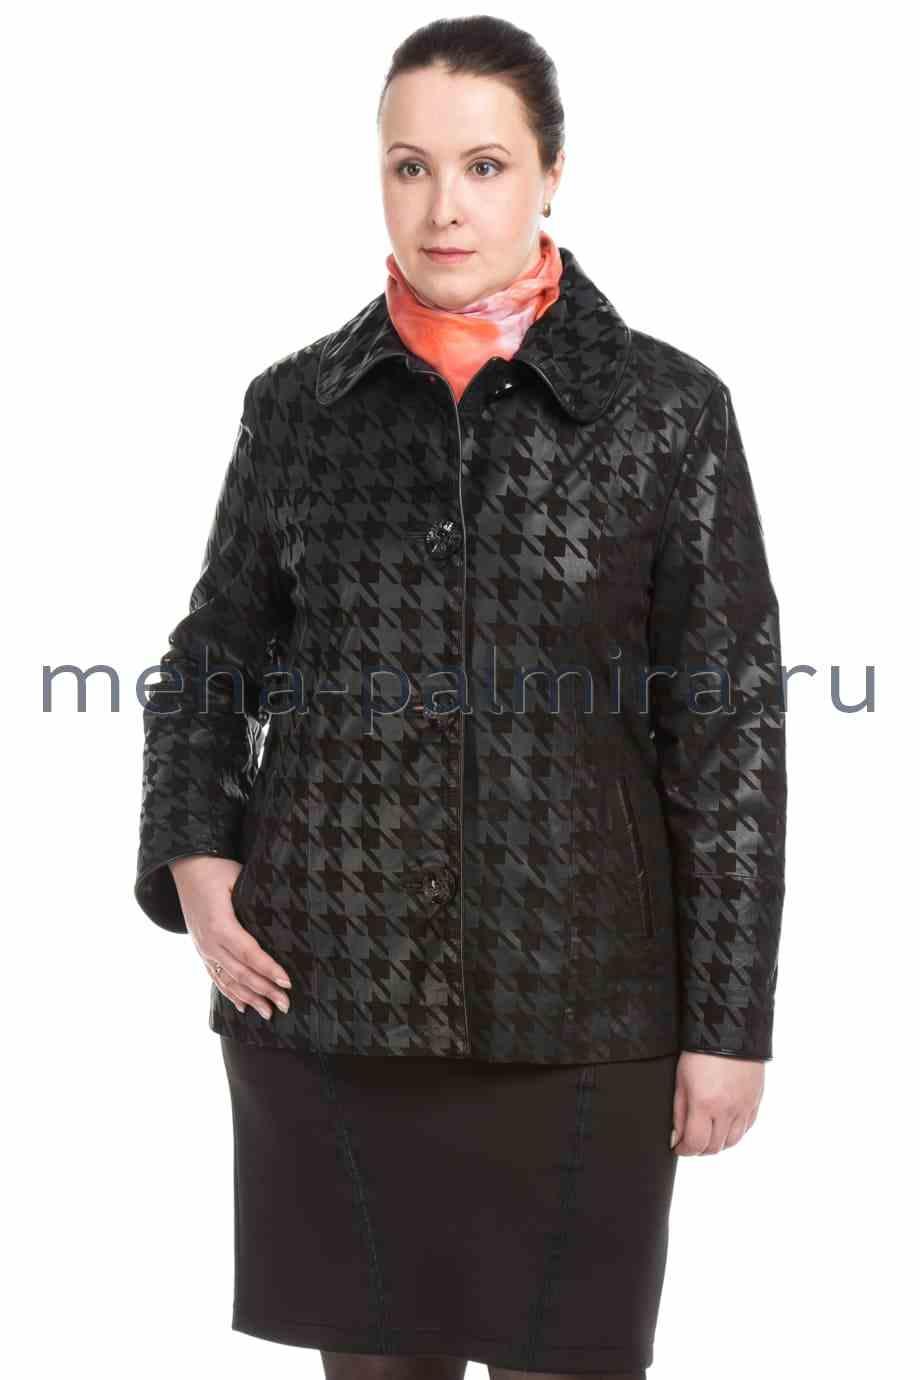 Женская кожаная куртка на пуговицах, геометрический принт